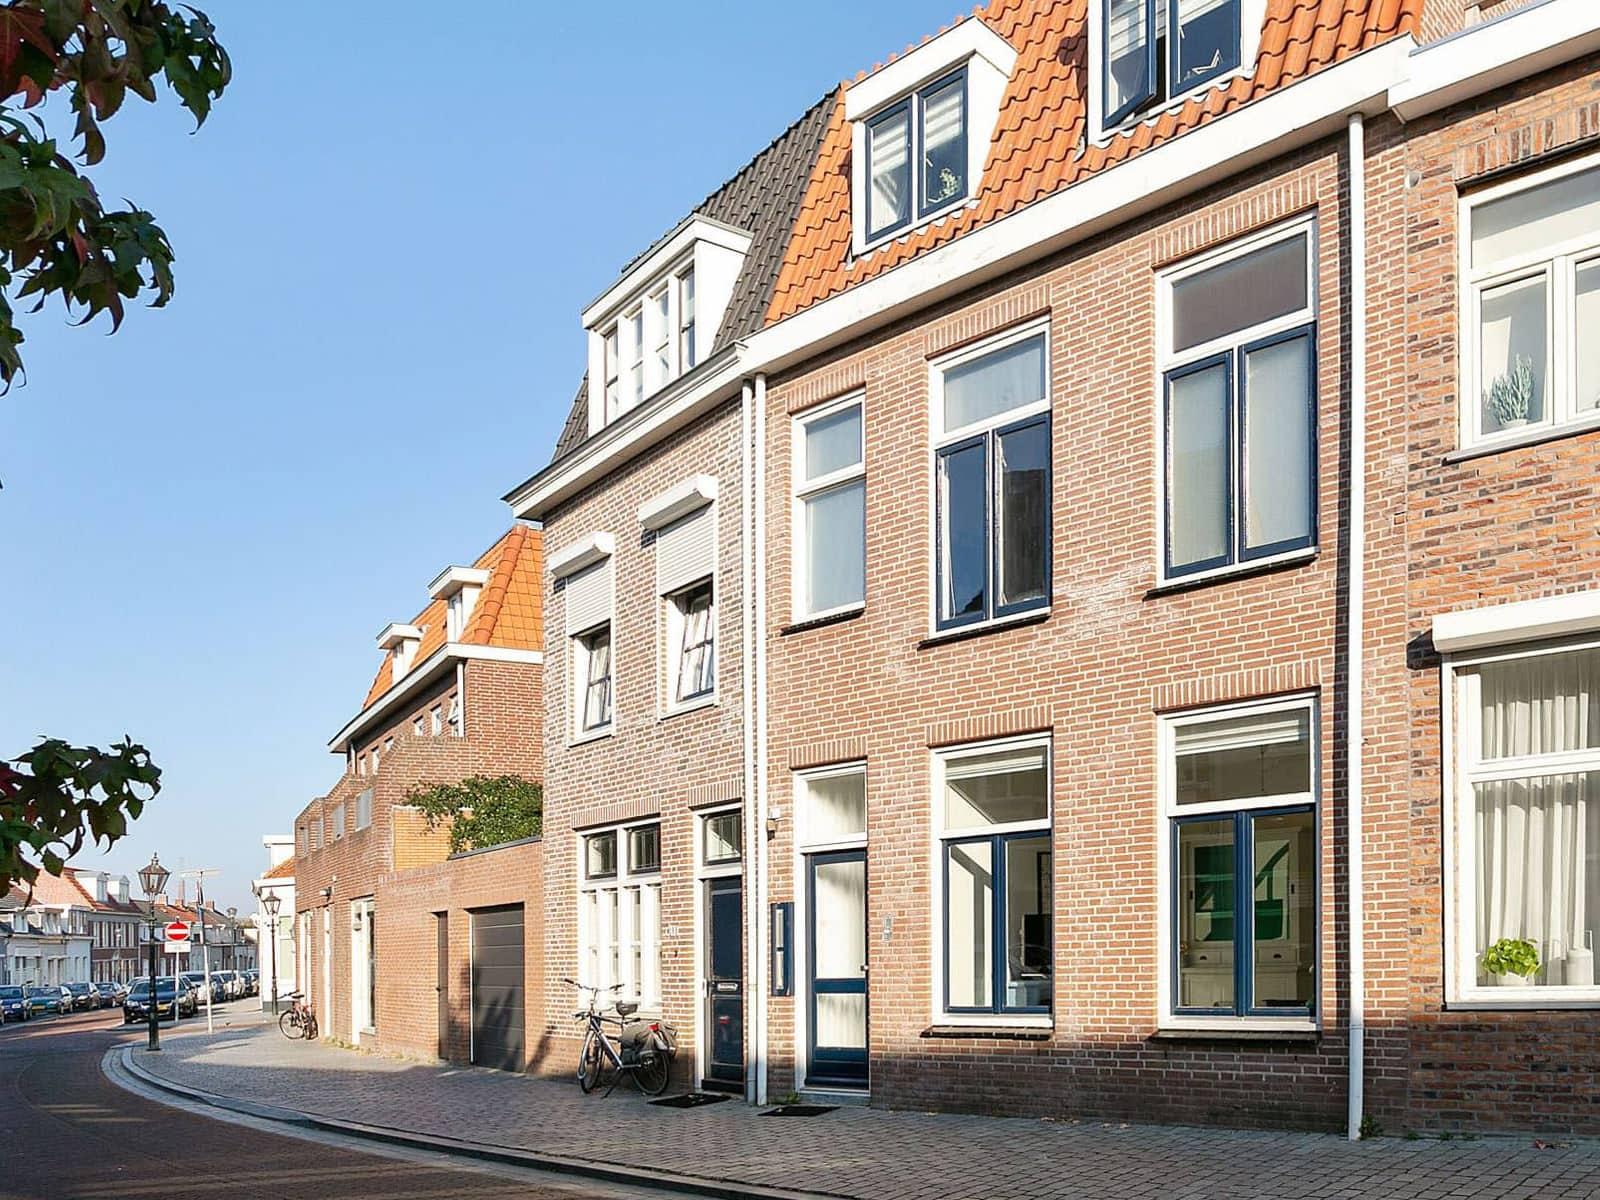 Hopmans Wonen Woningaanbod Bergen Op Zoom - huis kopen om te verhuren